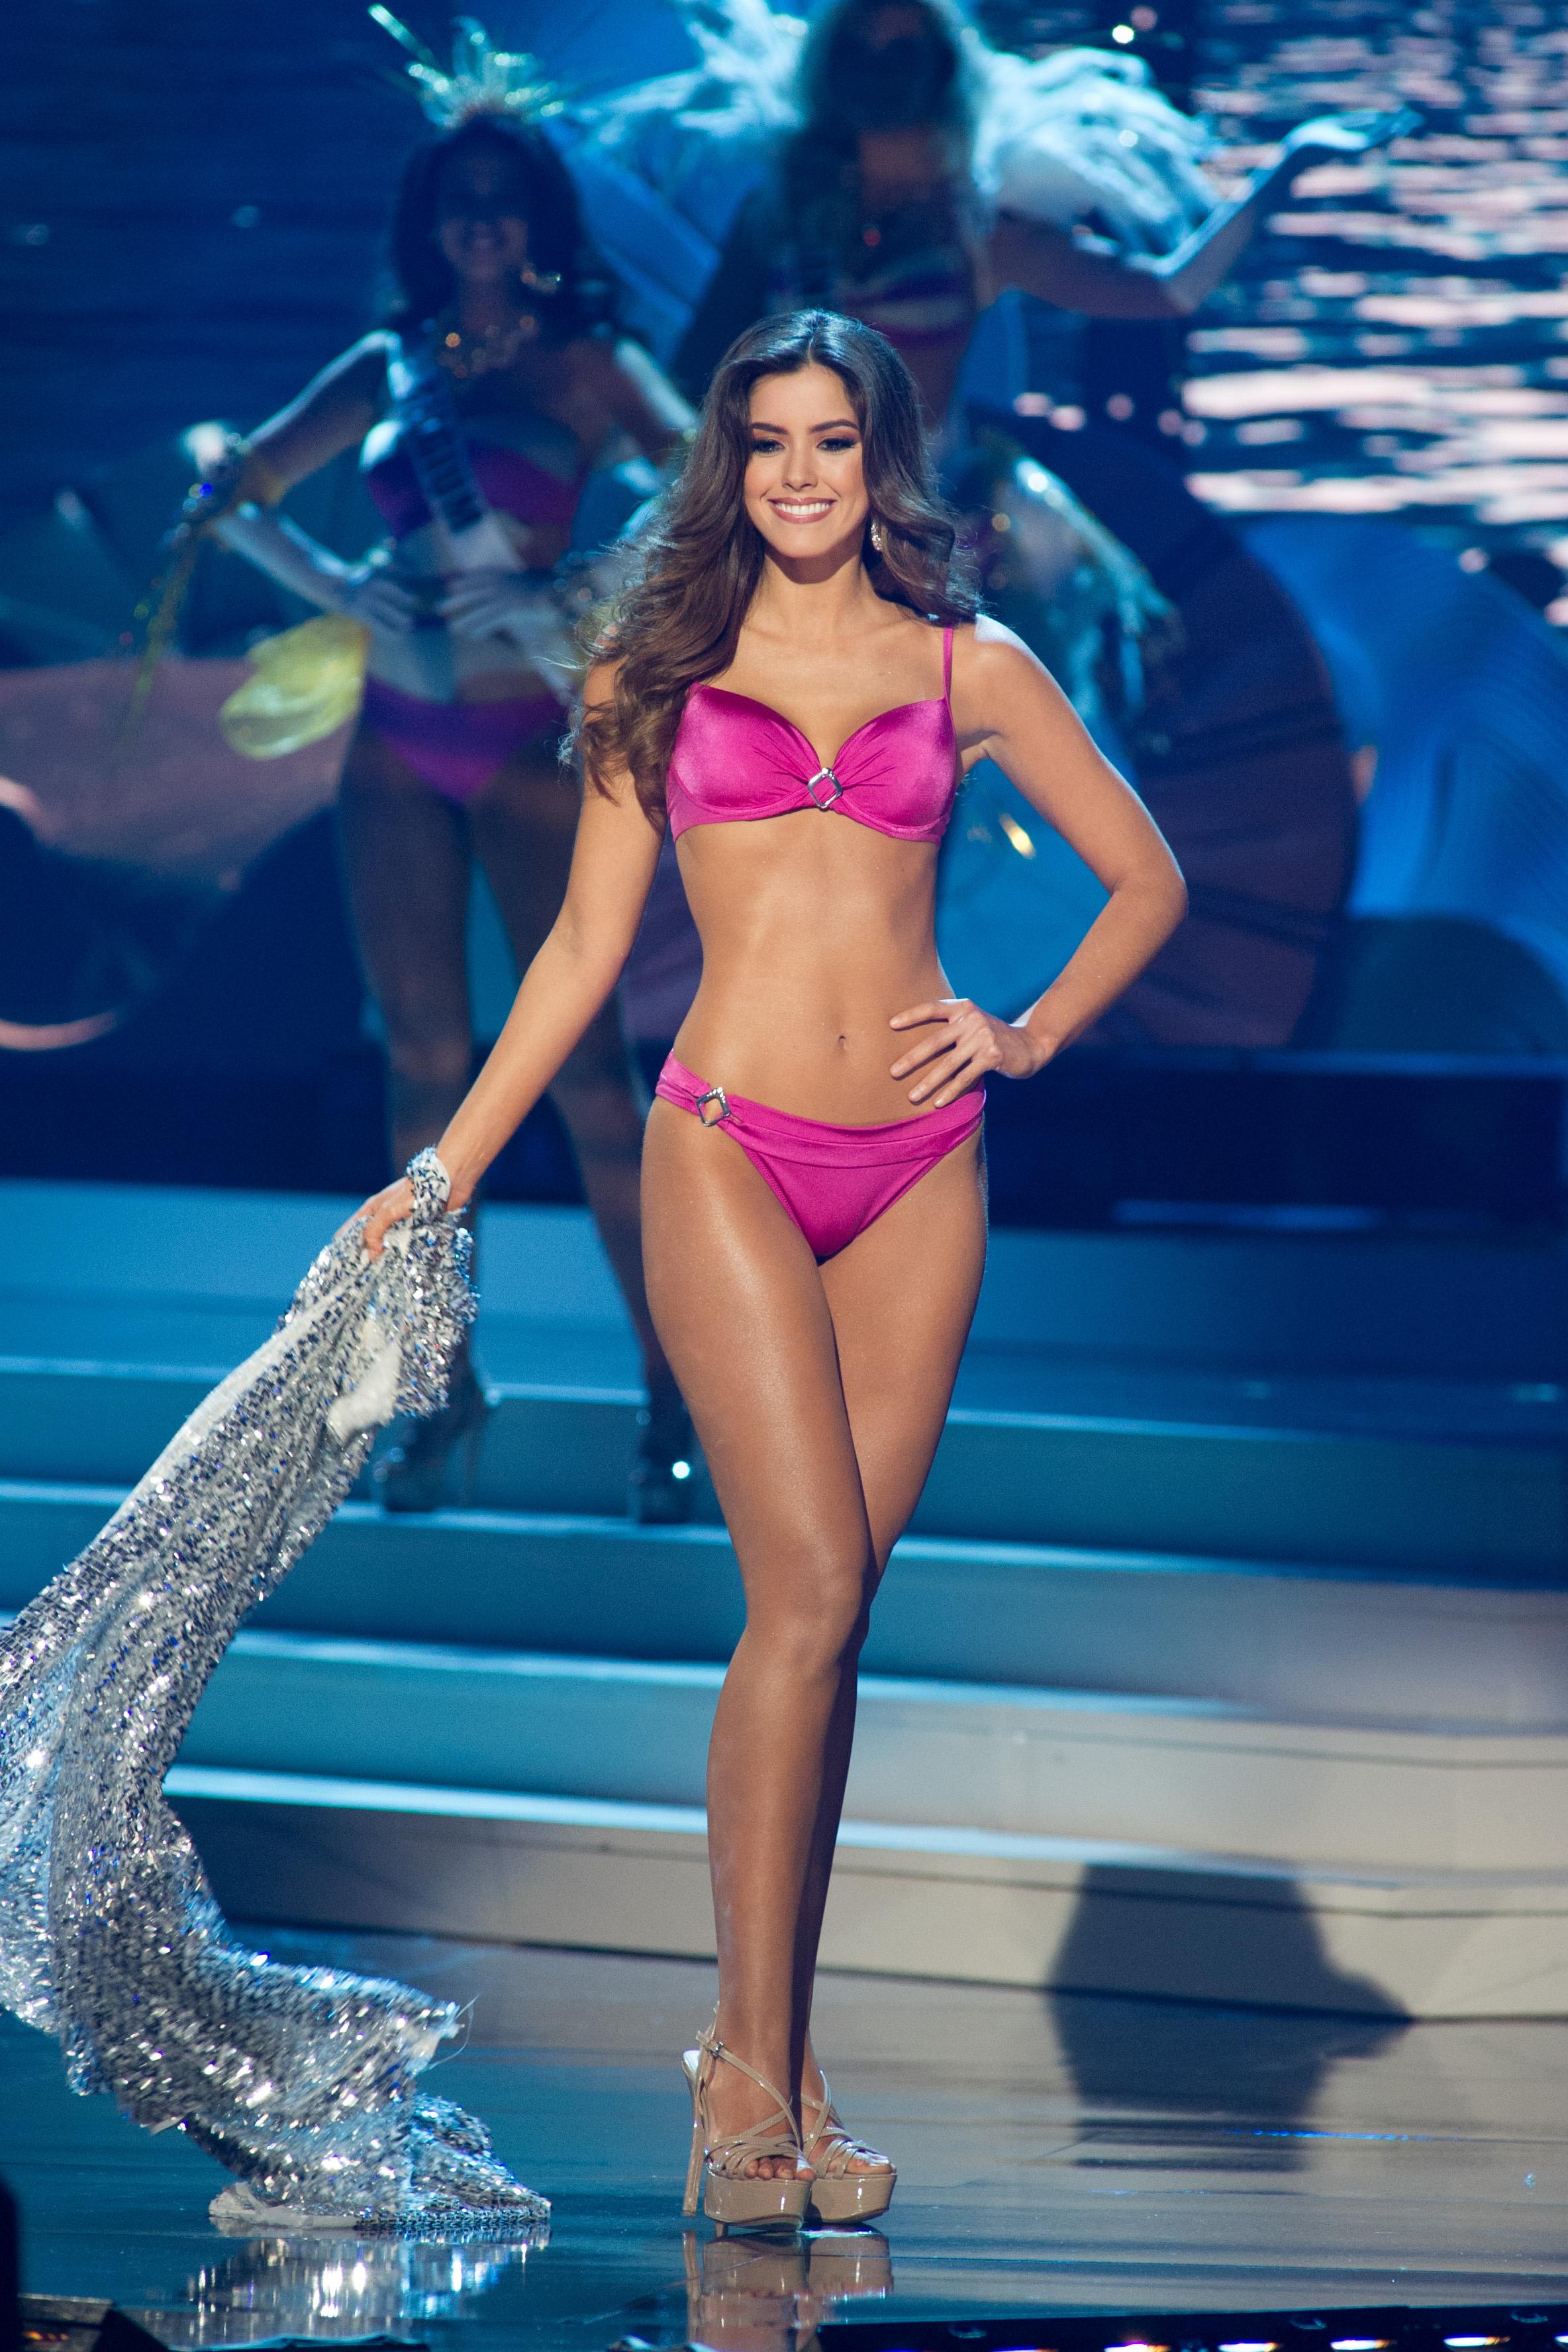 Самые красивые панамские девушки — 15